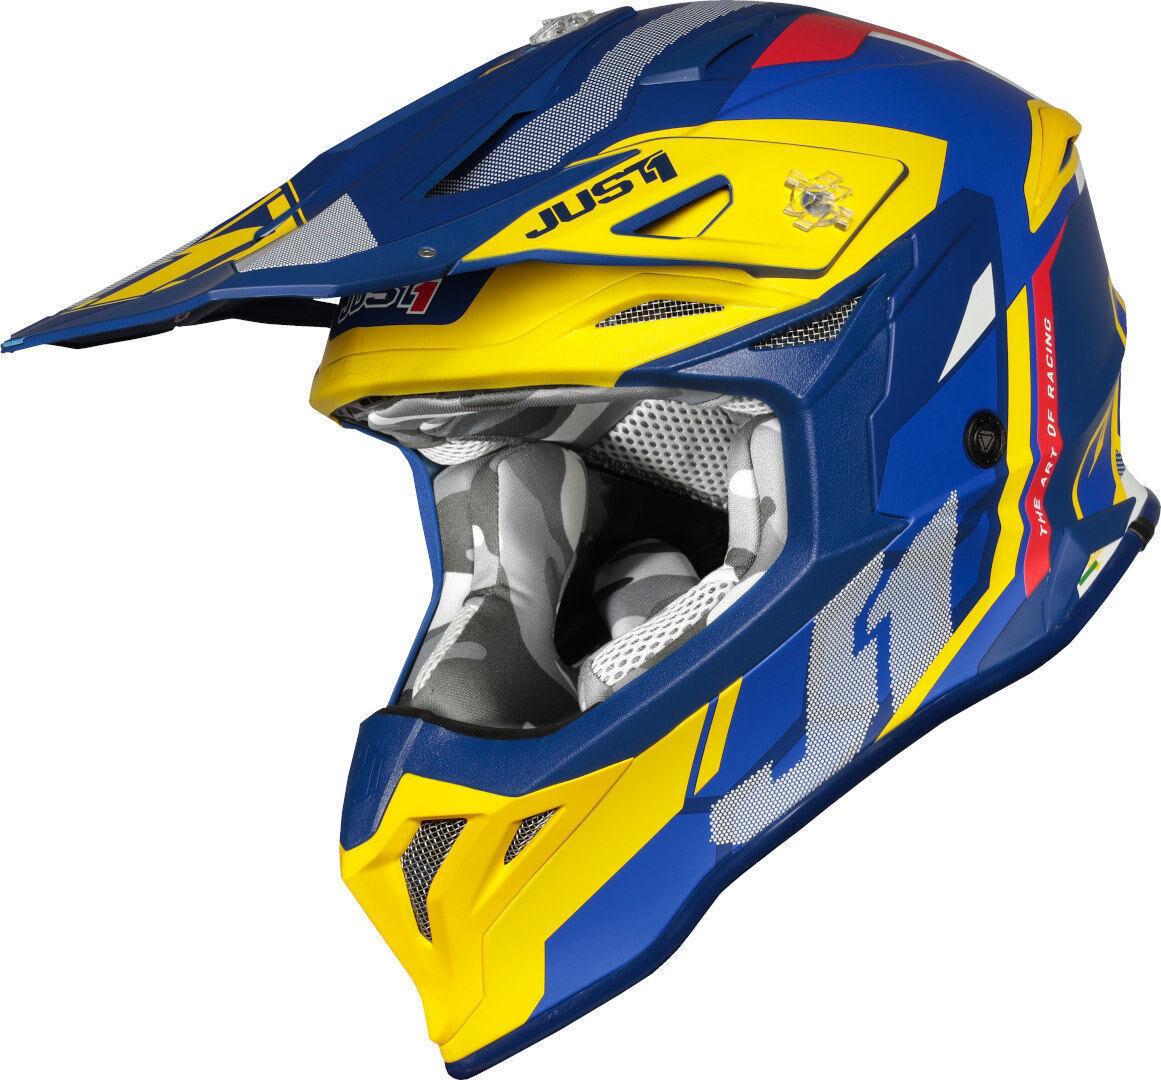 Just1 J39 Reactor Motocross kypärä  - Sininen Keltainen - Size: XS